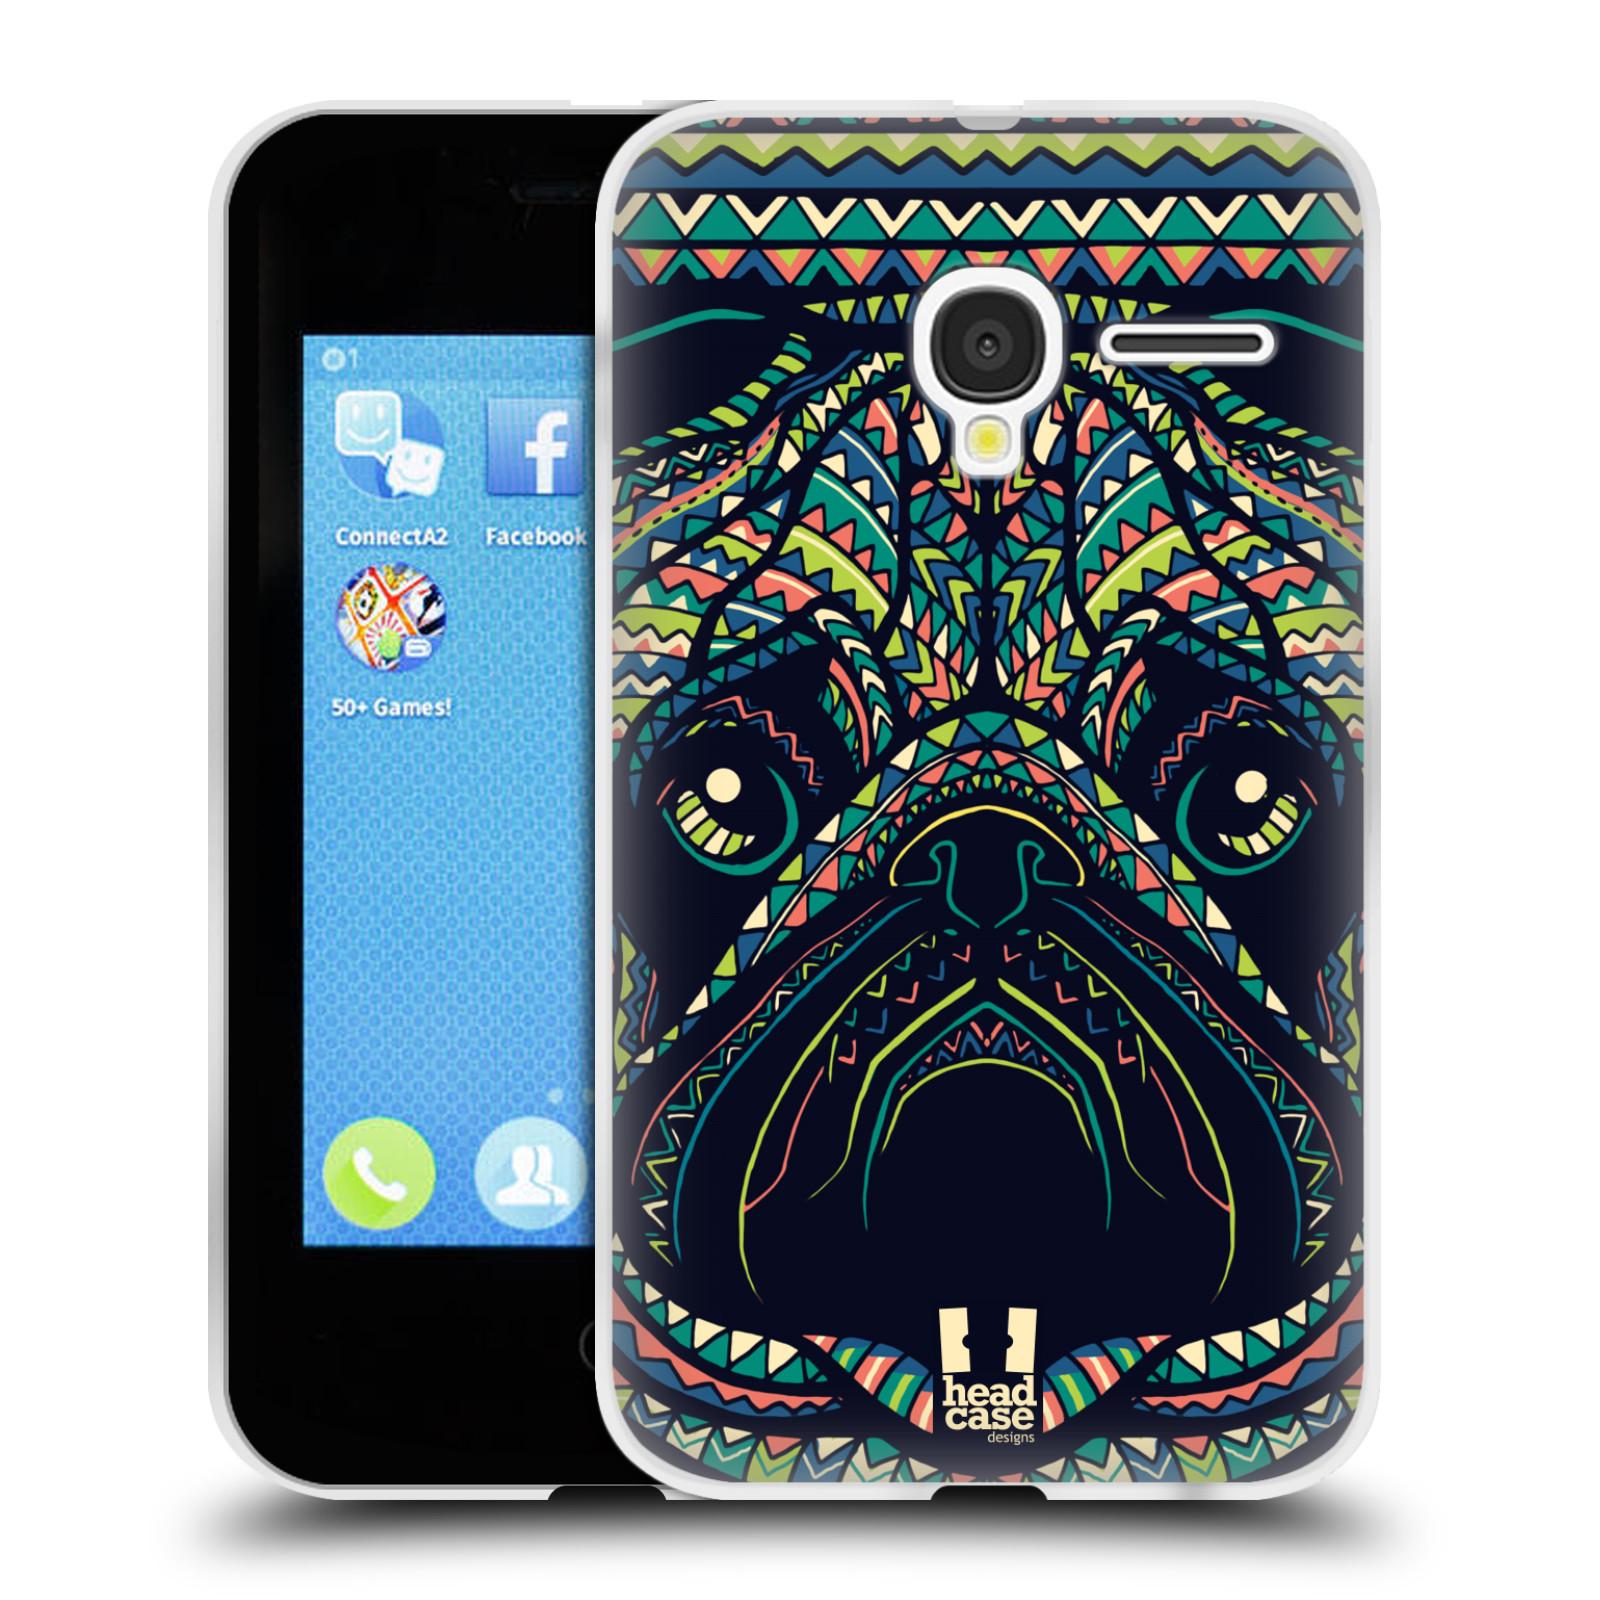 HEAD CASE silikonový obal na mobil Alcatel PIXI 3 OT-4022D (3,5 palcový displej) vzor Aztécký motiv zvíře 3 mopsík